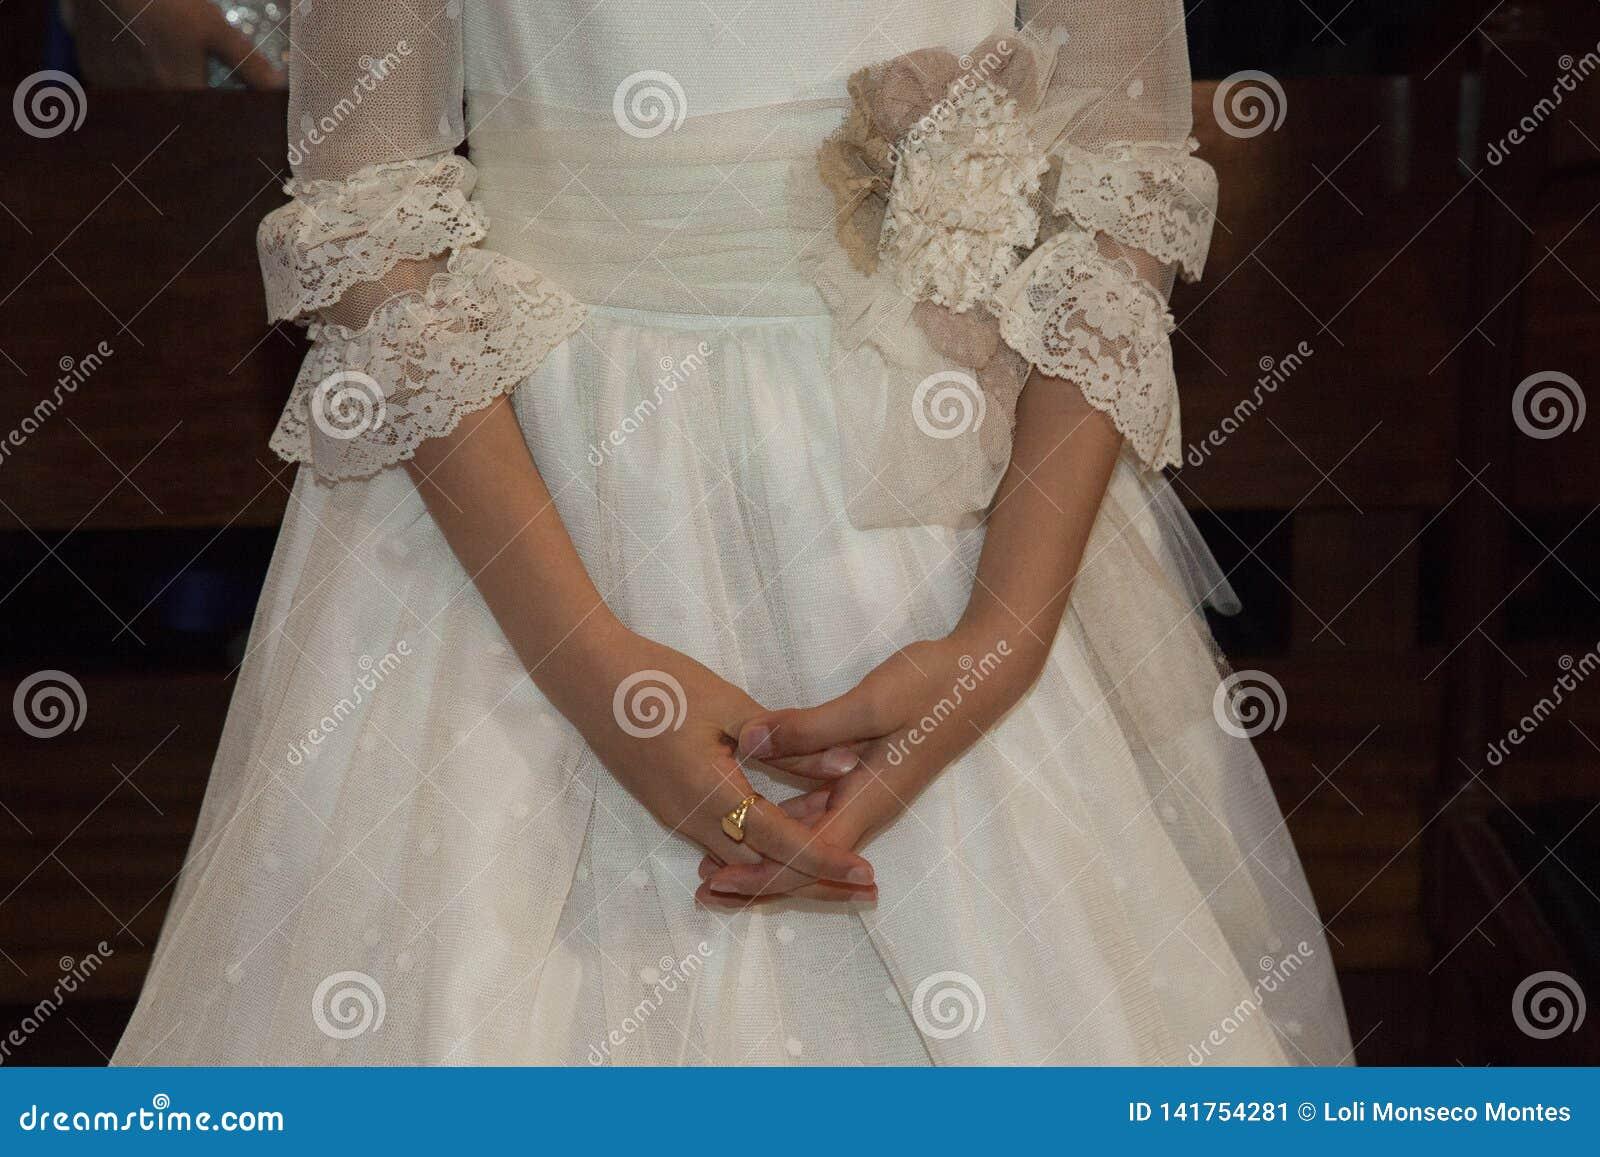 Detalhe das mãos entrelaçadas de uma menina que esteja recebendo o primeiro comunhão